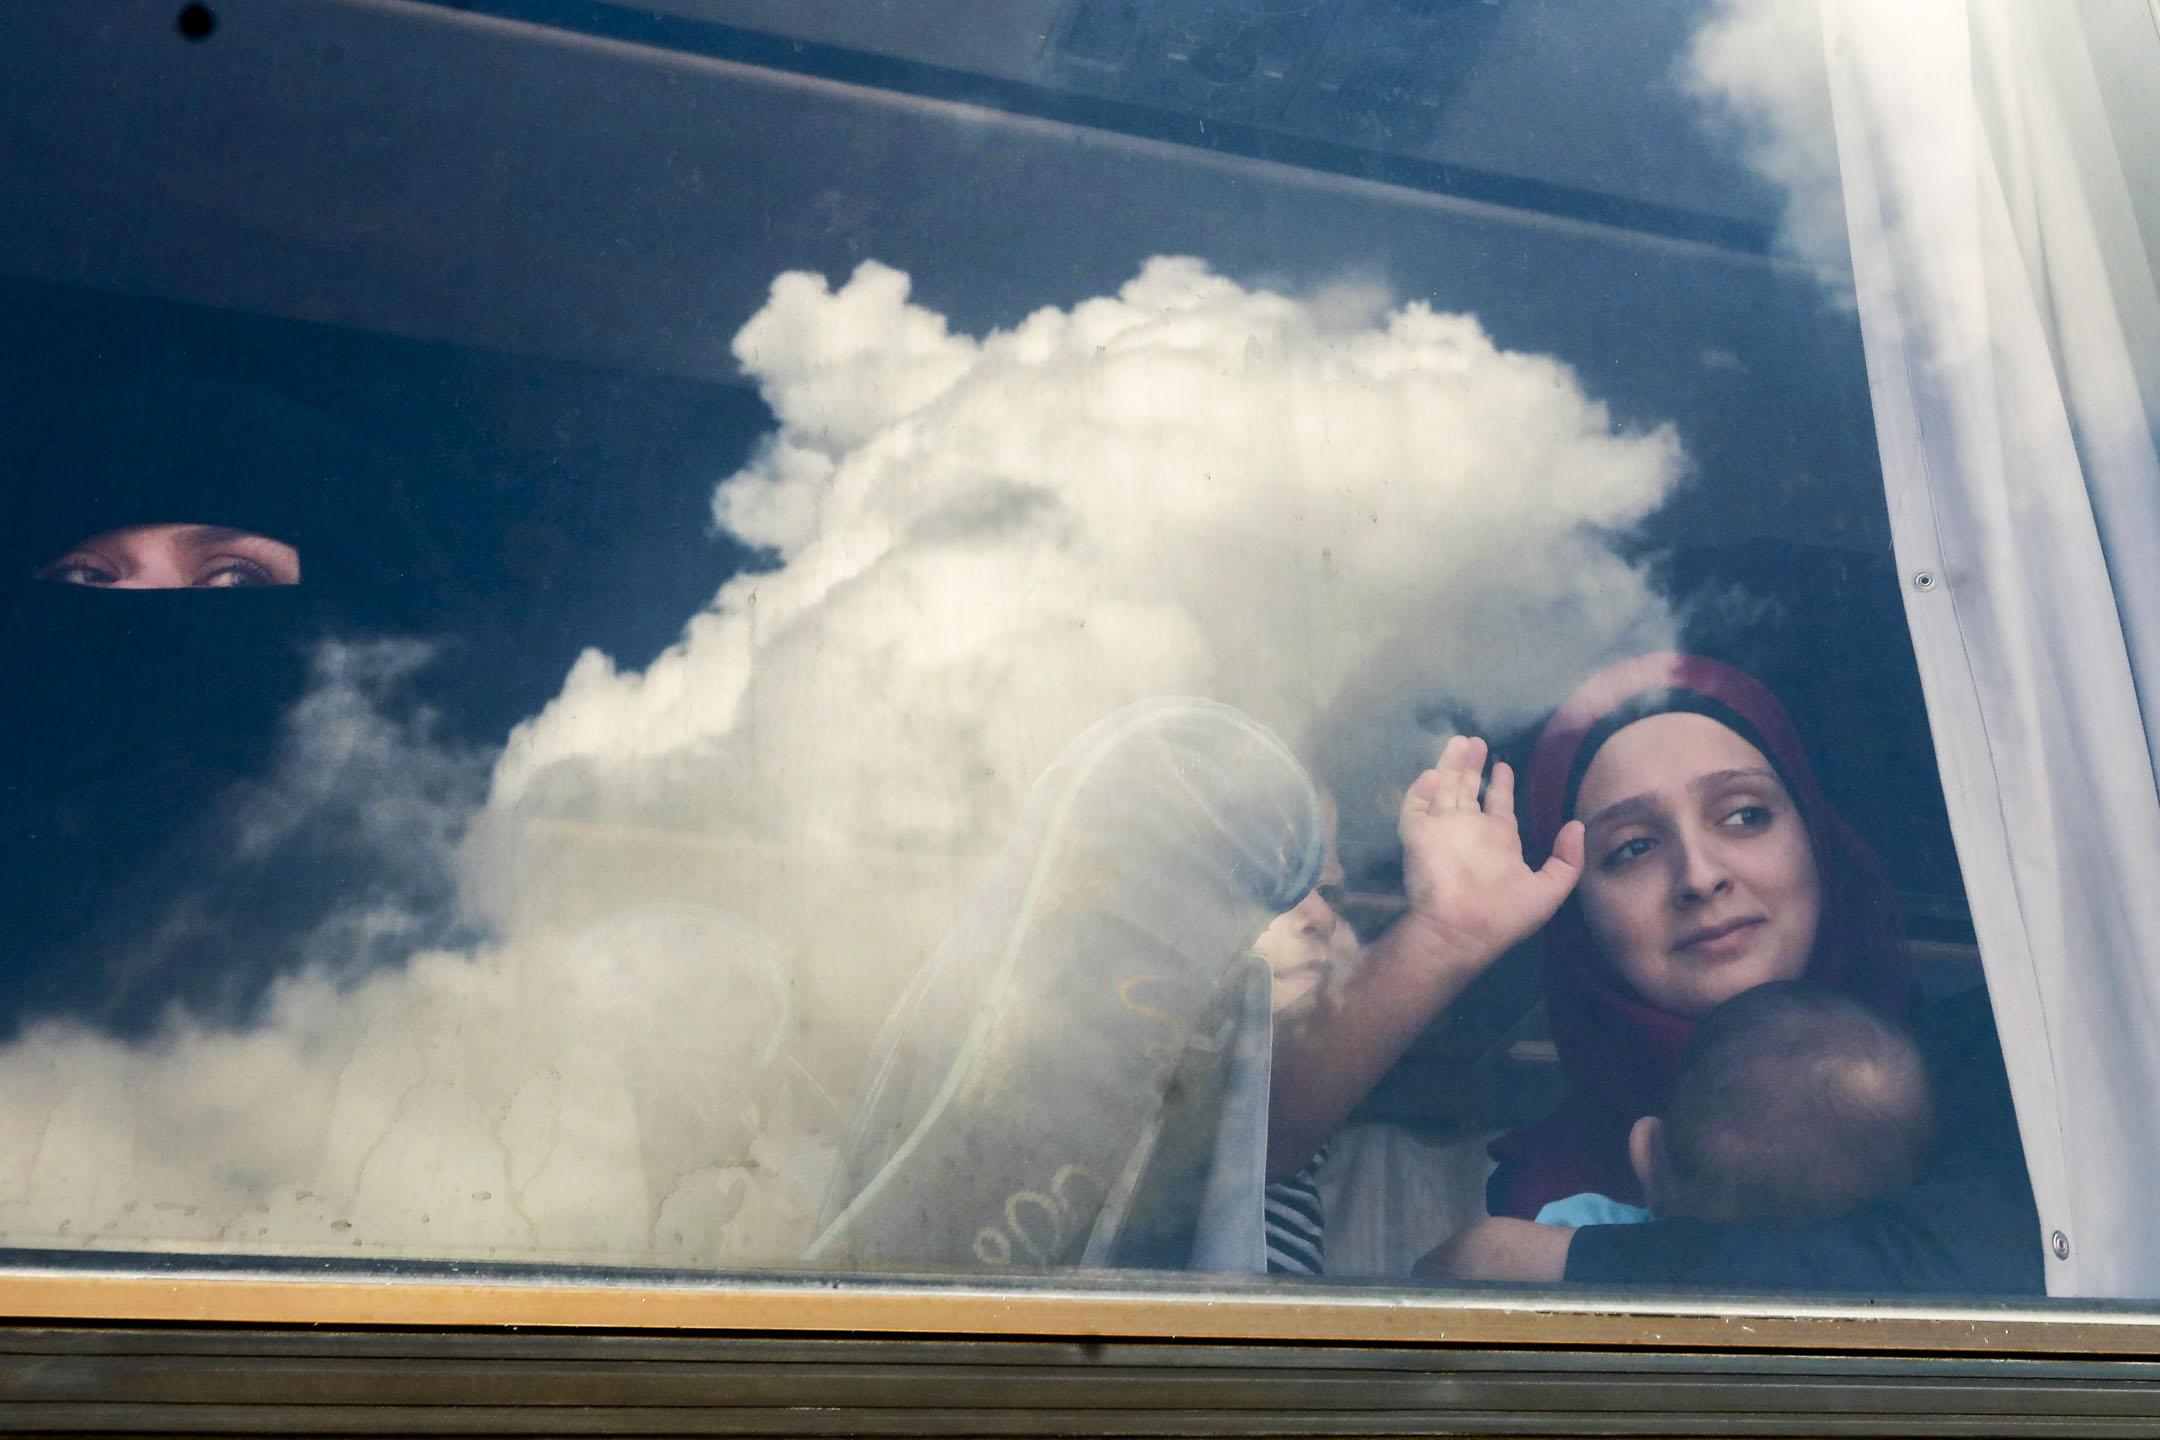 據俄羅斯敘利亞和解中心的數據,而自戰爭開始至今,離開又回到敘利亞的難民數量已有31.5萬人。圖為2018年9月9日,敘利亞難民在準備離開黎巴嫩返回敘利亞時,在公共汽車內望向窗外。 攝:Anwar Amro/AFP/Getty Images